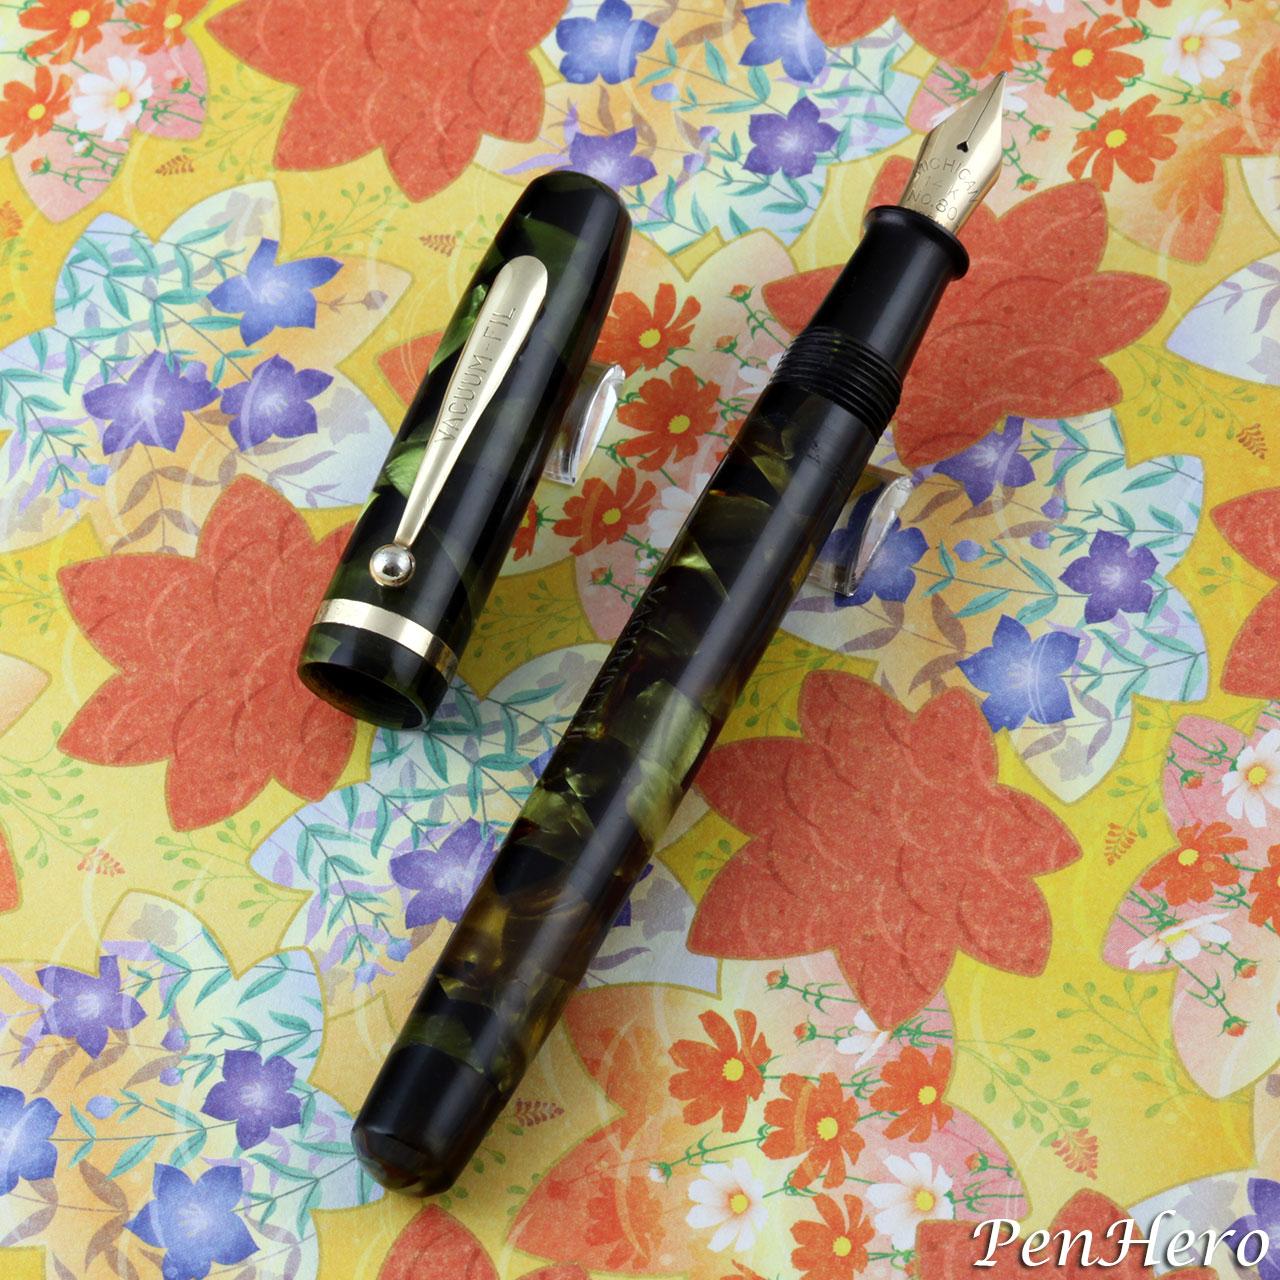 VacuumFil_1280_01.jpg